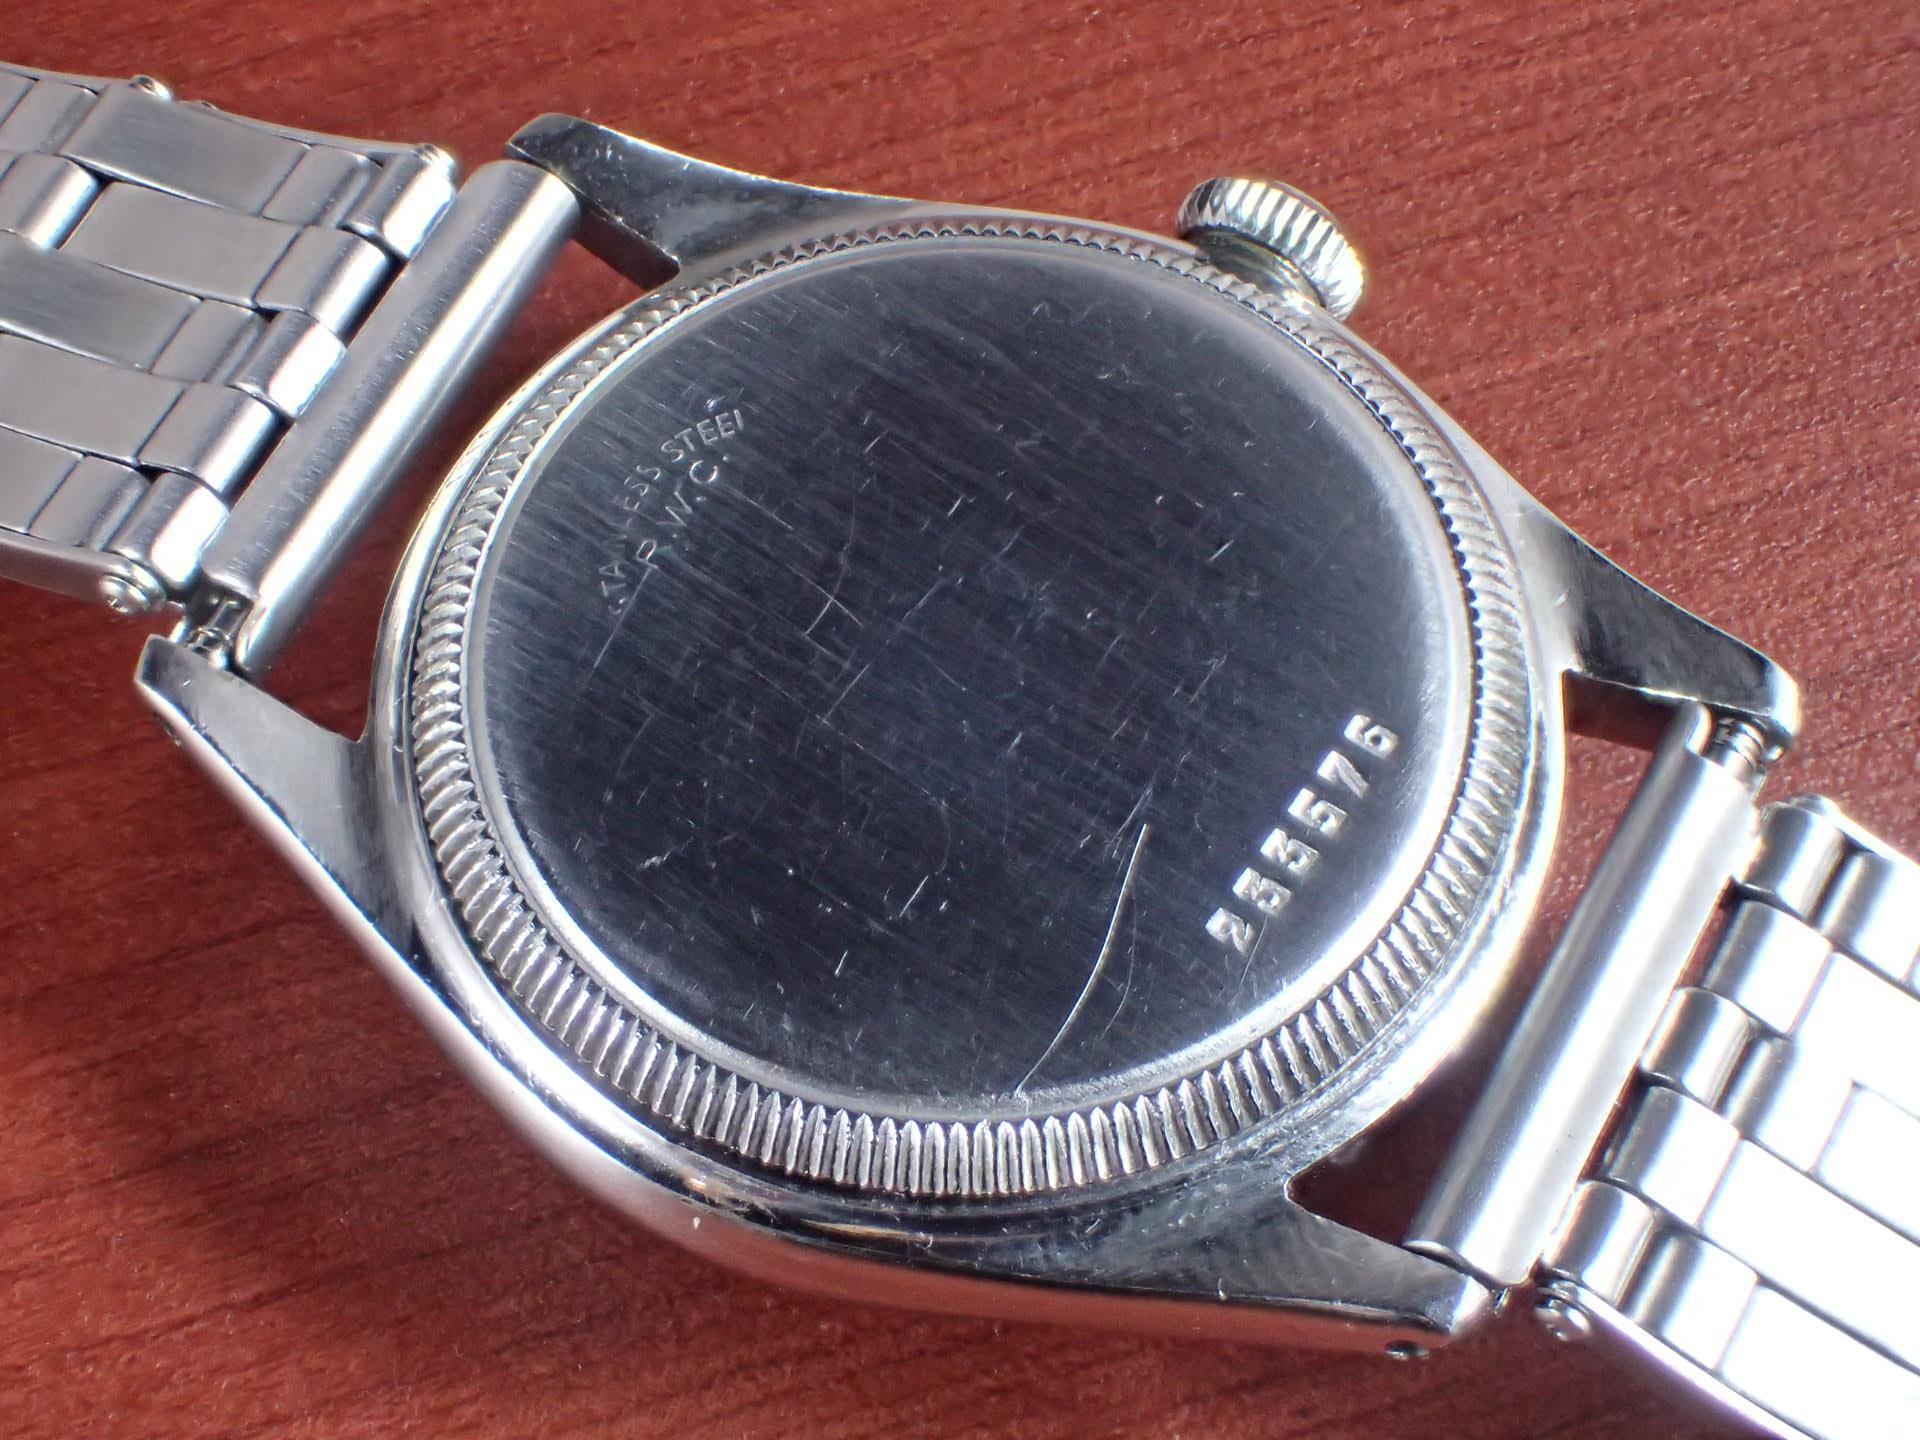 ロレックス オイスター スピードキング Ref.4220 ブラックダイアル 1940年代の写真4枚目